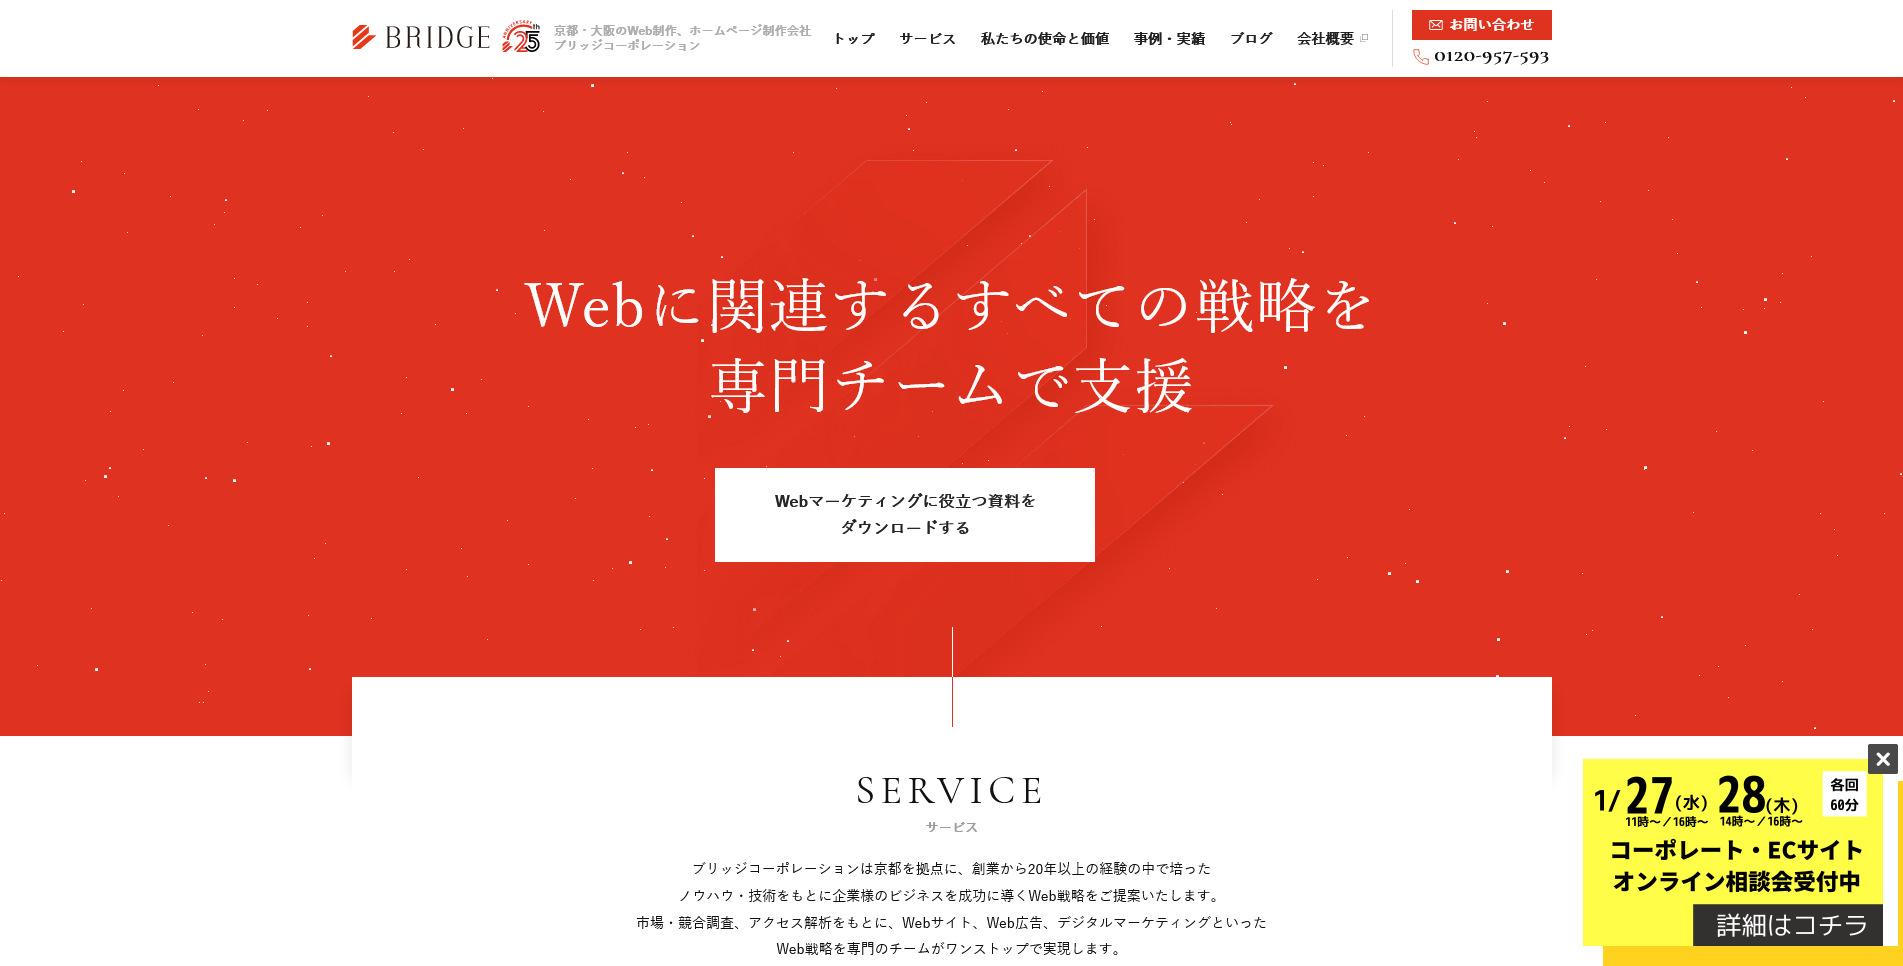 株式会社ブリッジコーポレーションインタビュー取材!